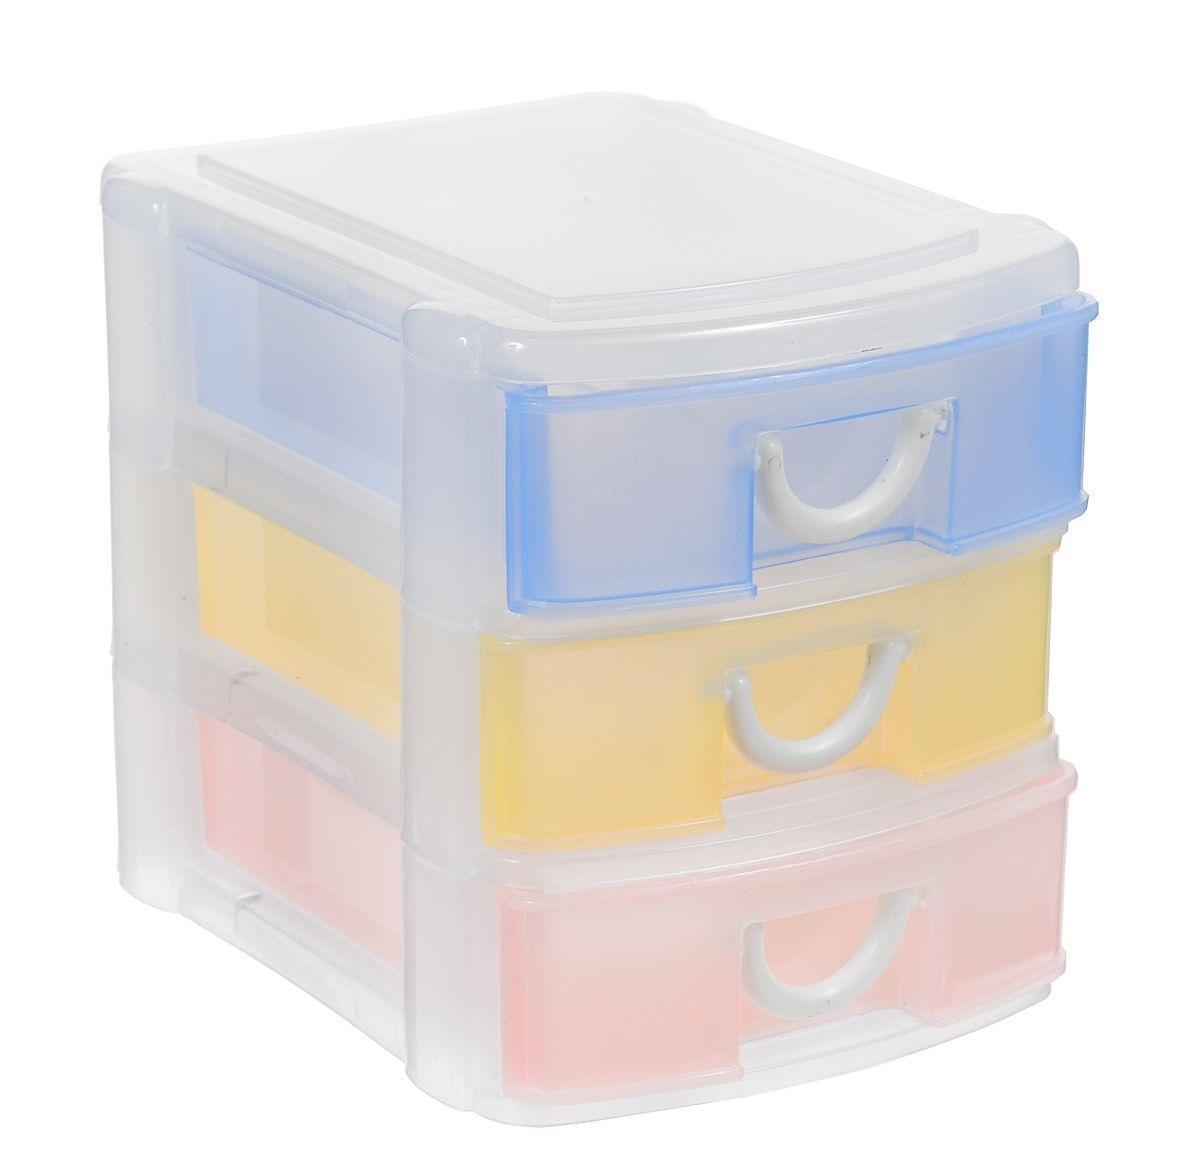 Контейнер для хранения выполнен из прочного пластика и предназначен для хранения предметов рукоделия, а также других различных мелких предметов. Контейнер состоит из трех ярусов с выдвижными ящиками, которые для большего удобства оборудованы ручками-петельками. Контейнер поможет хранить все в одном месте, а также защитить вещи от пыли, грязи и влаги.